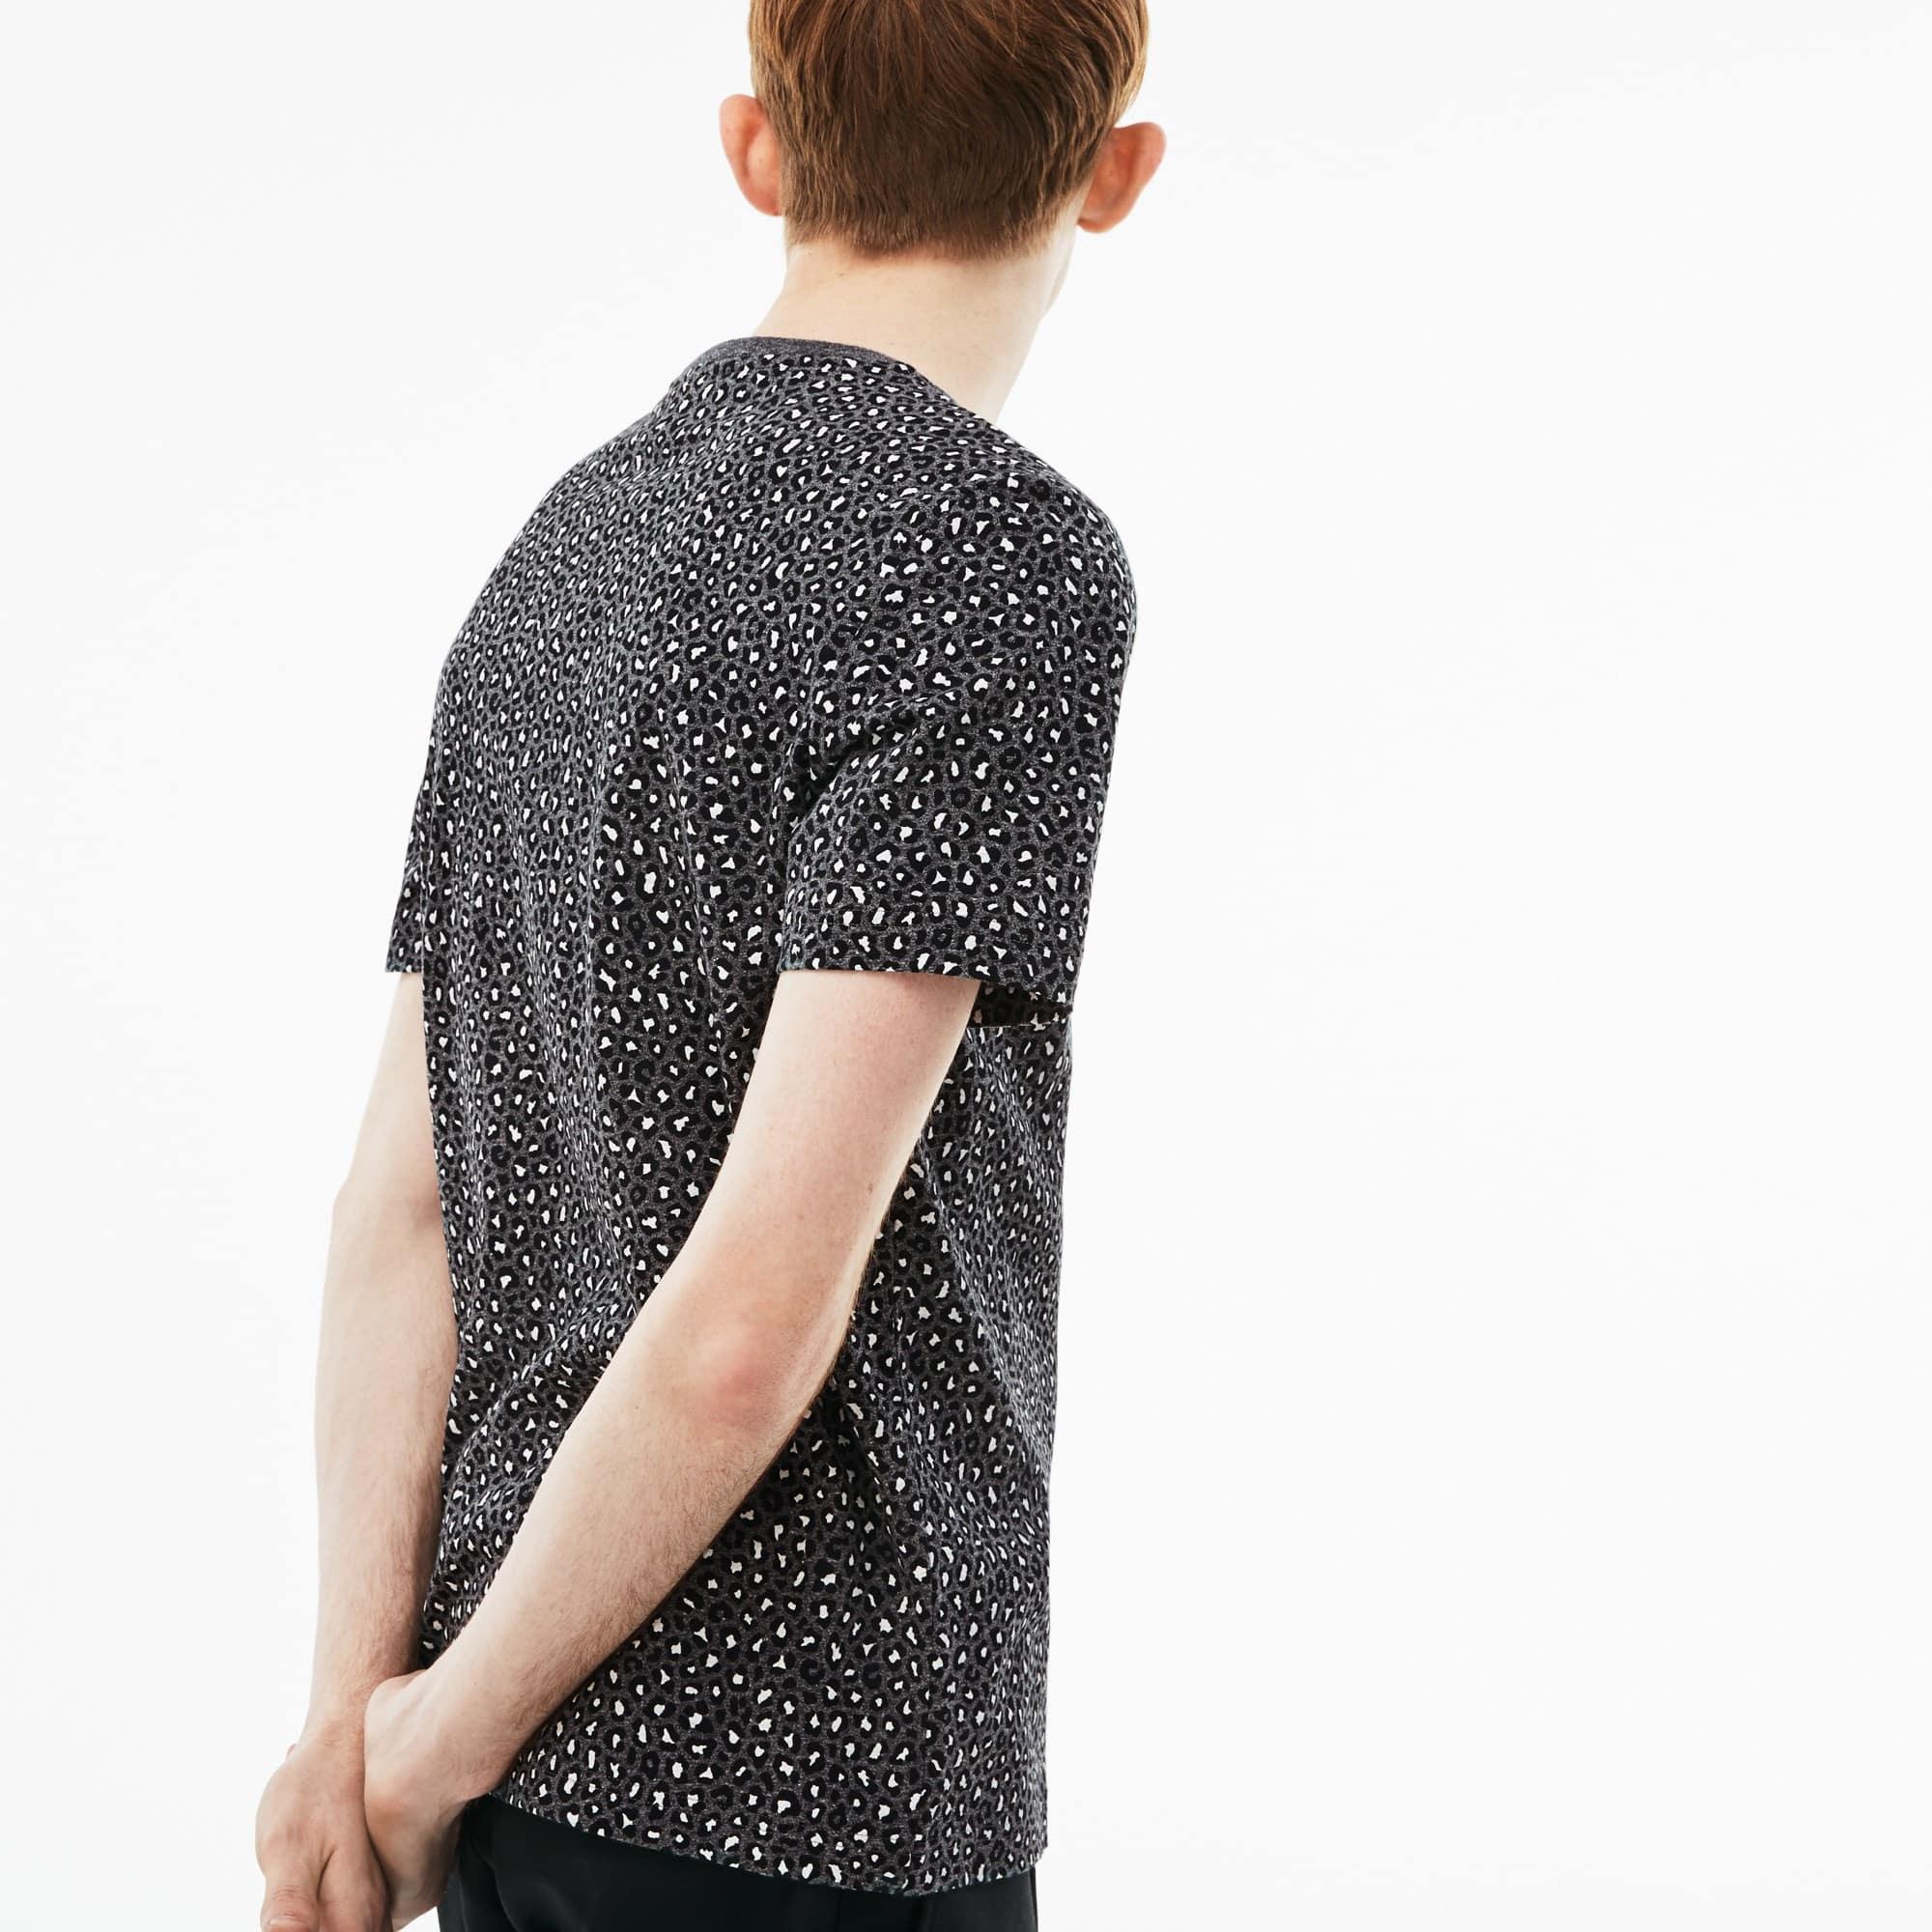 Lacoste - Camiseta De Hombre Lacoste LIVE En Tejido De Punto Con Estampado De Leopardo Y Cuello Redondo - 2